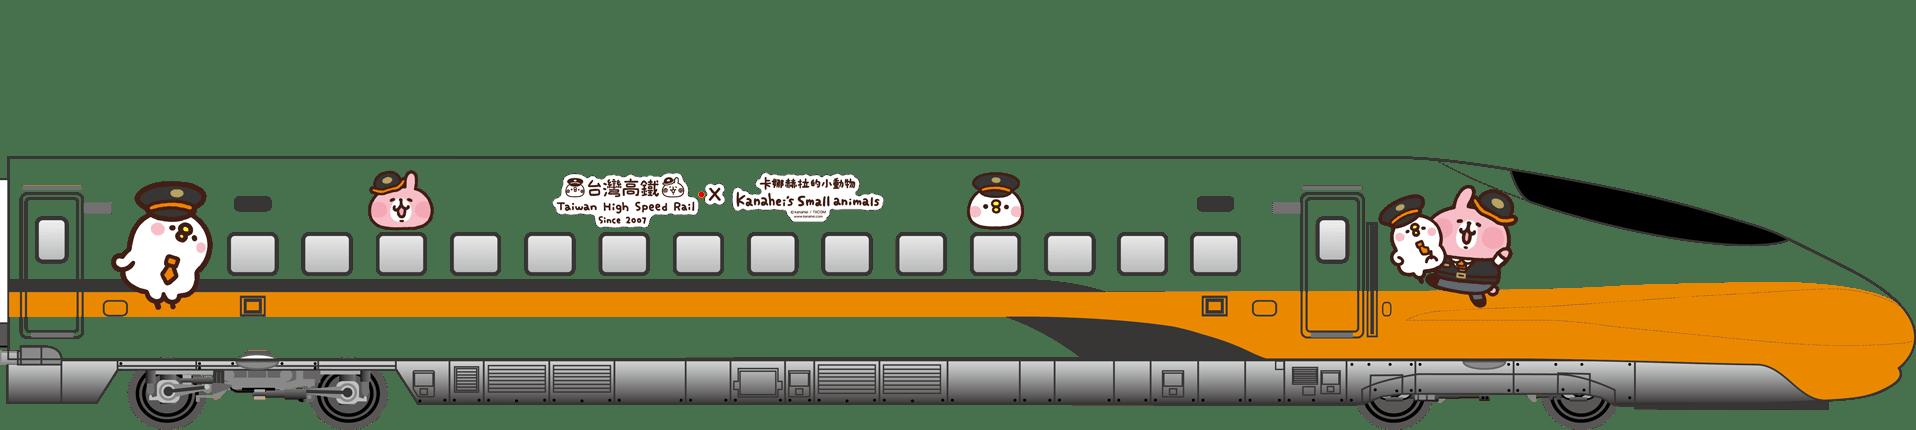 第 12 節車廂